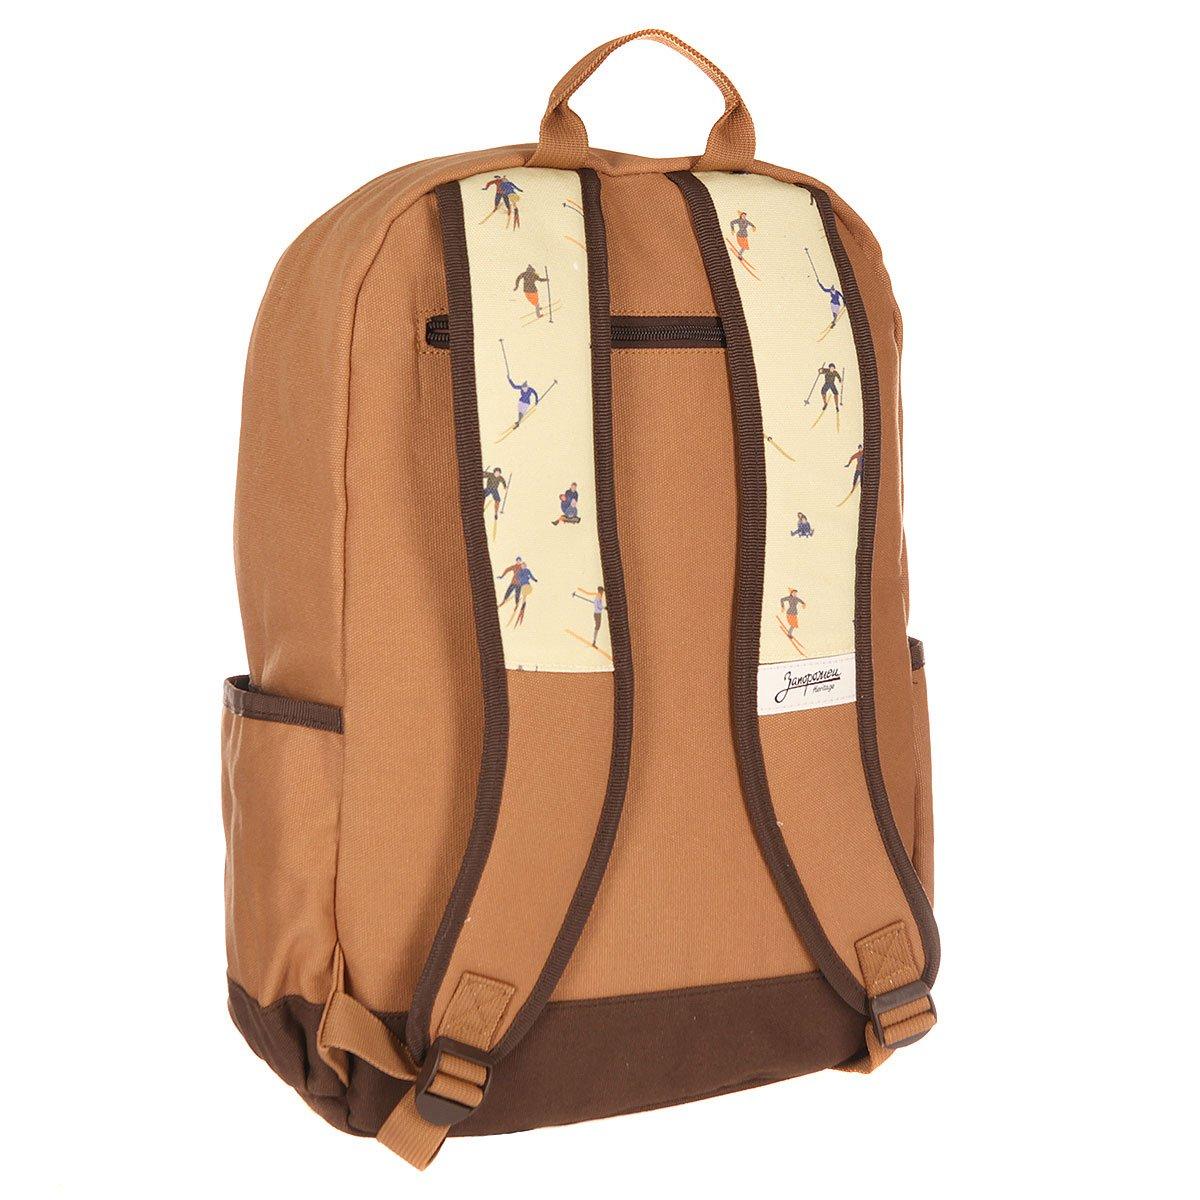 43e685f766a9 Купить рюкзак городской запорожец горки бежевый в интернет-магазине ...